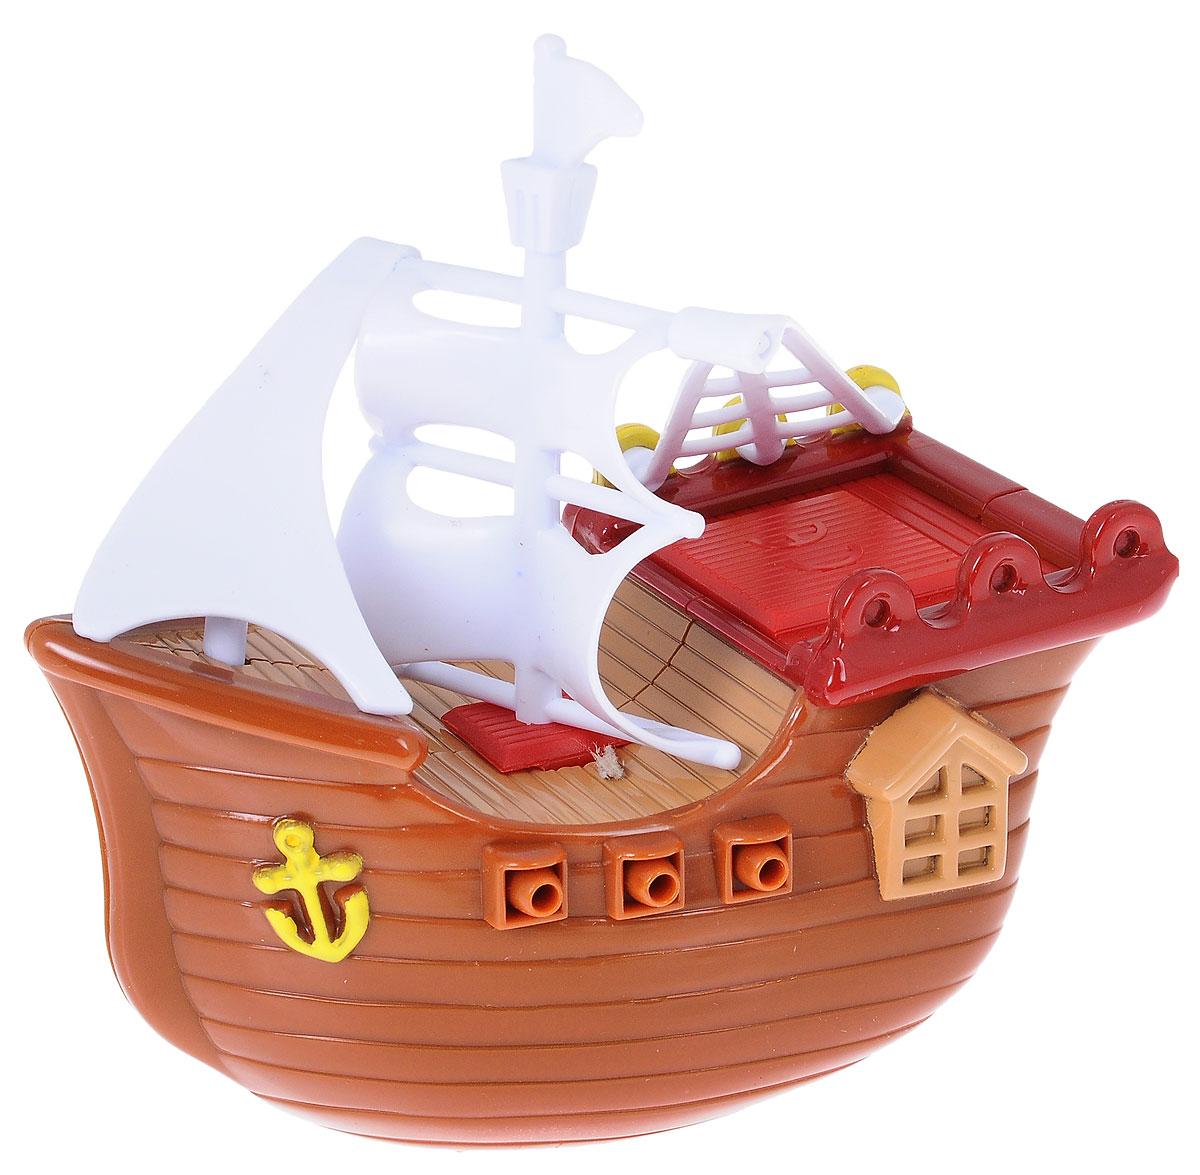 Navystar Игрушка для ванной Фрегат цвет коричневый63985-1-B_коричневыйИгрушка для ванной Navystar Фрегат обрадует вашего малыша во время купания и сделает этот порой нелегкий процесс приятным и веселым. Игрушка выполнена в виде деревянного фрегата с парусами и пушками. С помощью встроенного ключика малыш сможет запустить вращение винта, и кораблик начнет плавать. Игрушка для ванной Navystar Фрегат не только развеселит вашего малыша, но и поможет развить мелкую моторику.